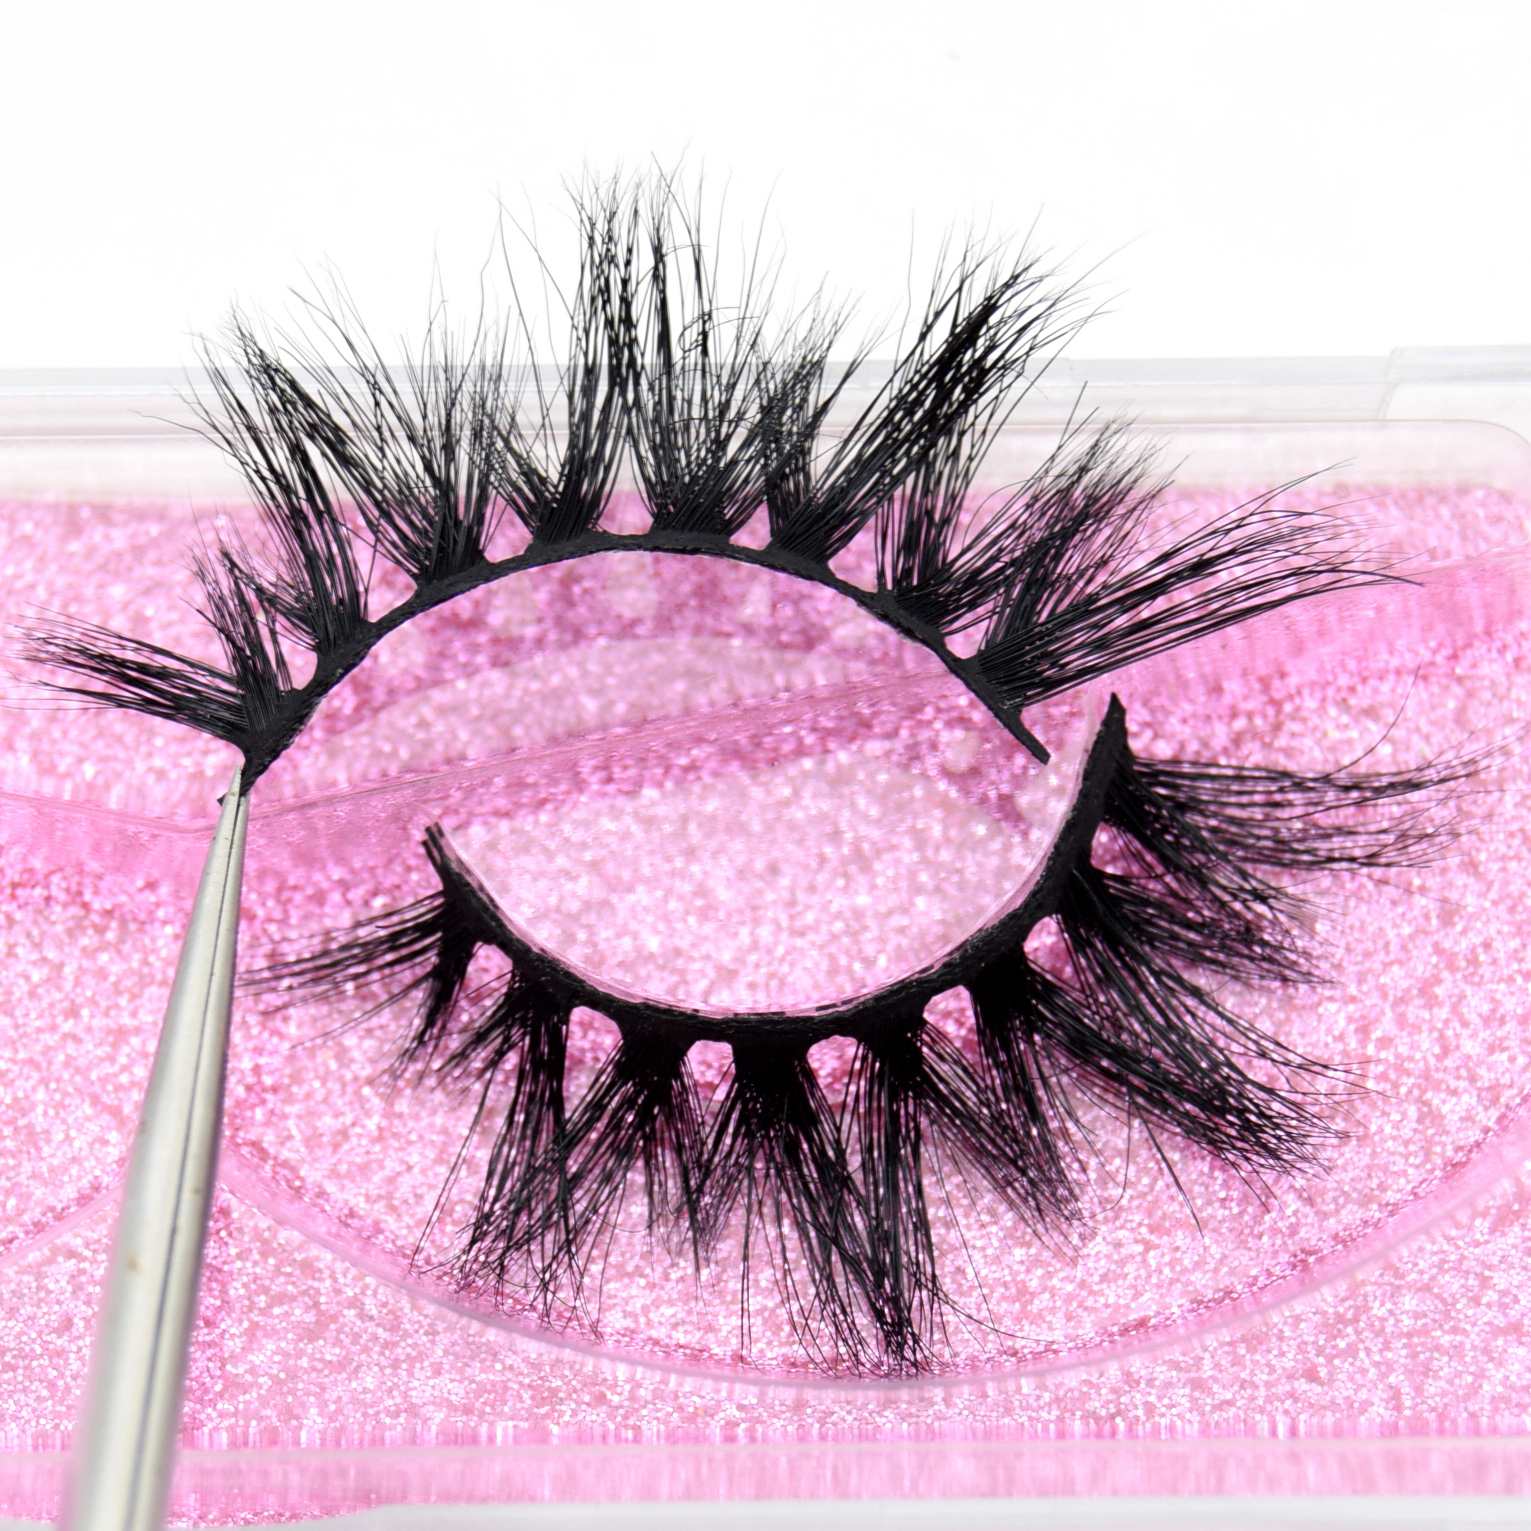 Visofree 5D Mink Eyelashes Handmade Full Strip Lashes Cruelty Free Luxury Makeup Dramatic Mink Lashes Crisscross Eye Lashes K03